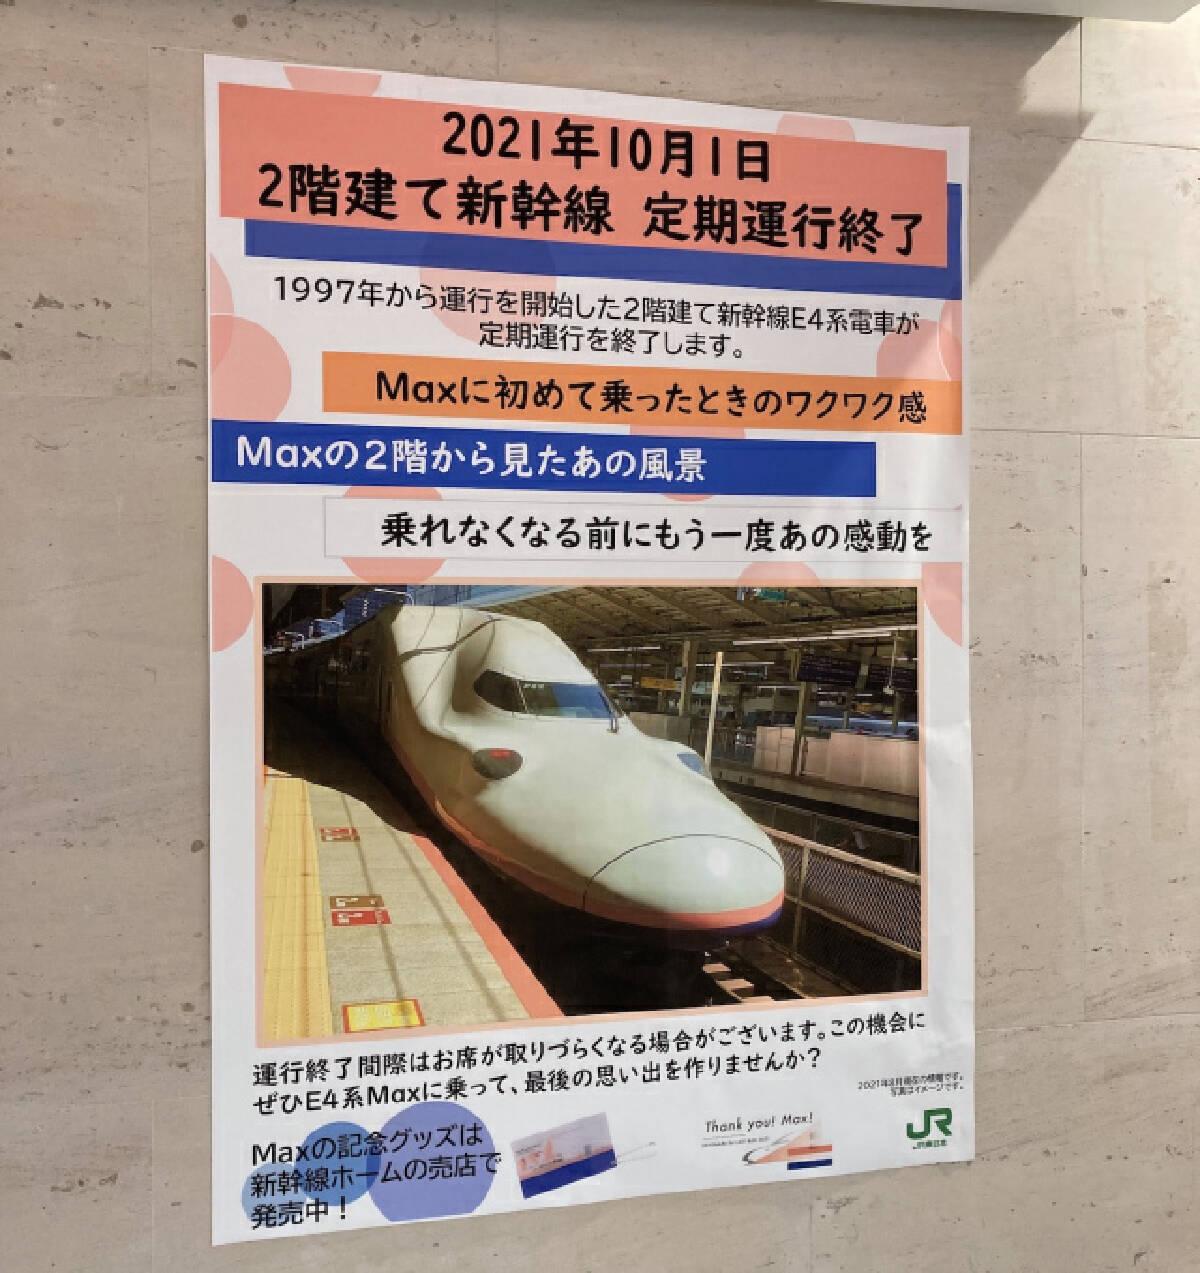 ลาก่อน 24 ปี รถไฟหัวกระสุนชินคันเซ็น Max Toki